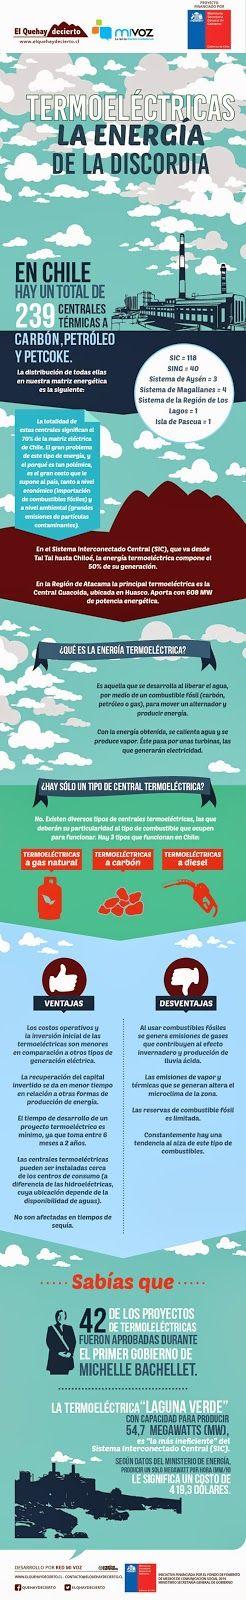 [Infografía] Termoeléctricas, la energía de la discordia | El QueHayDecierto.cl , Noticias de Copiapó y Atacama